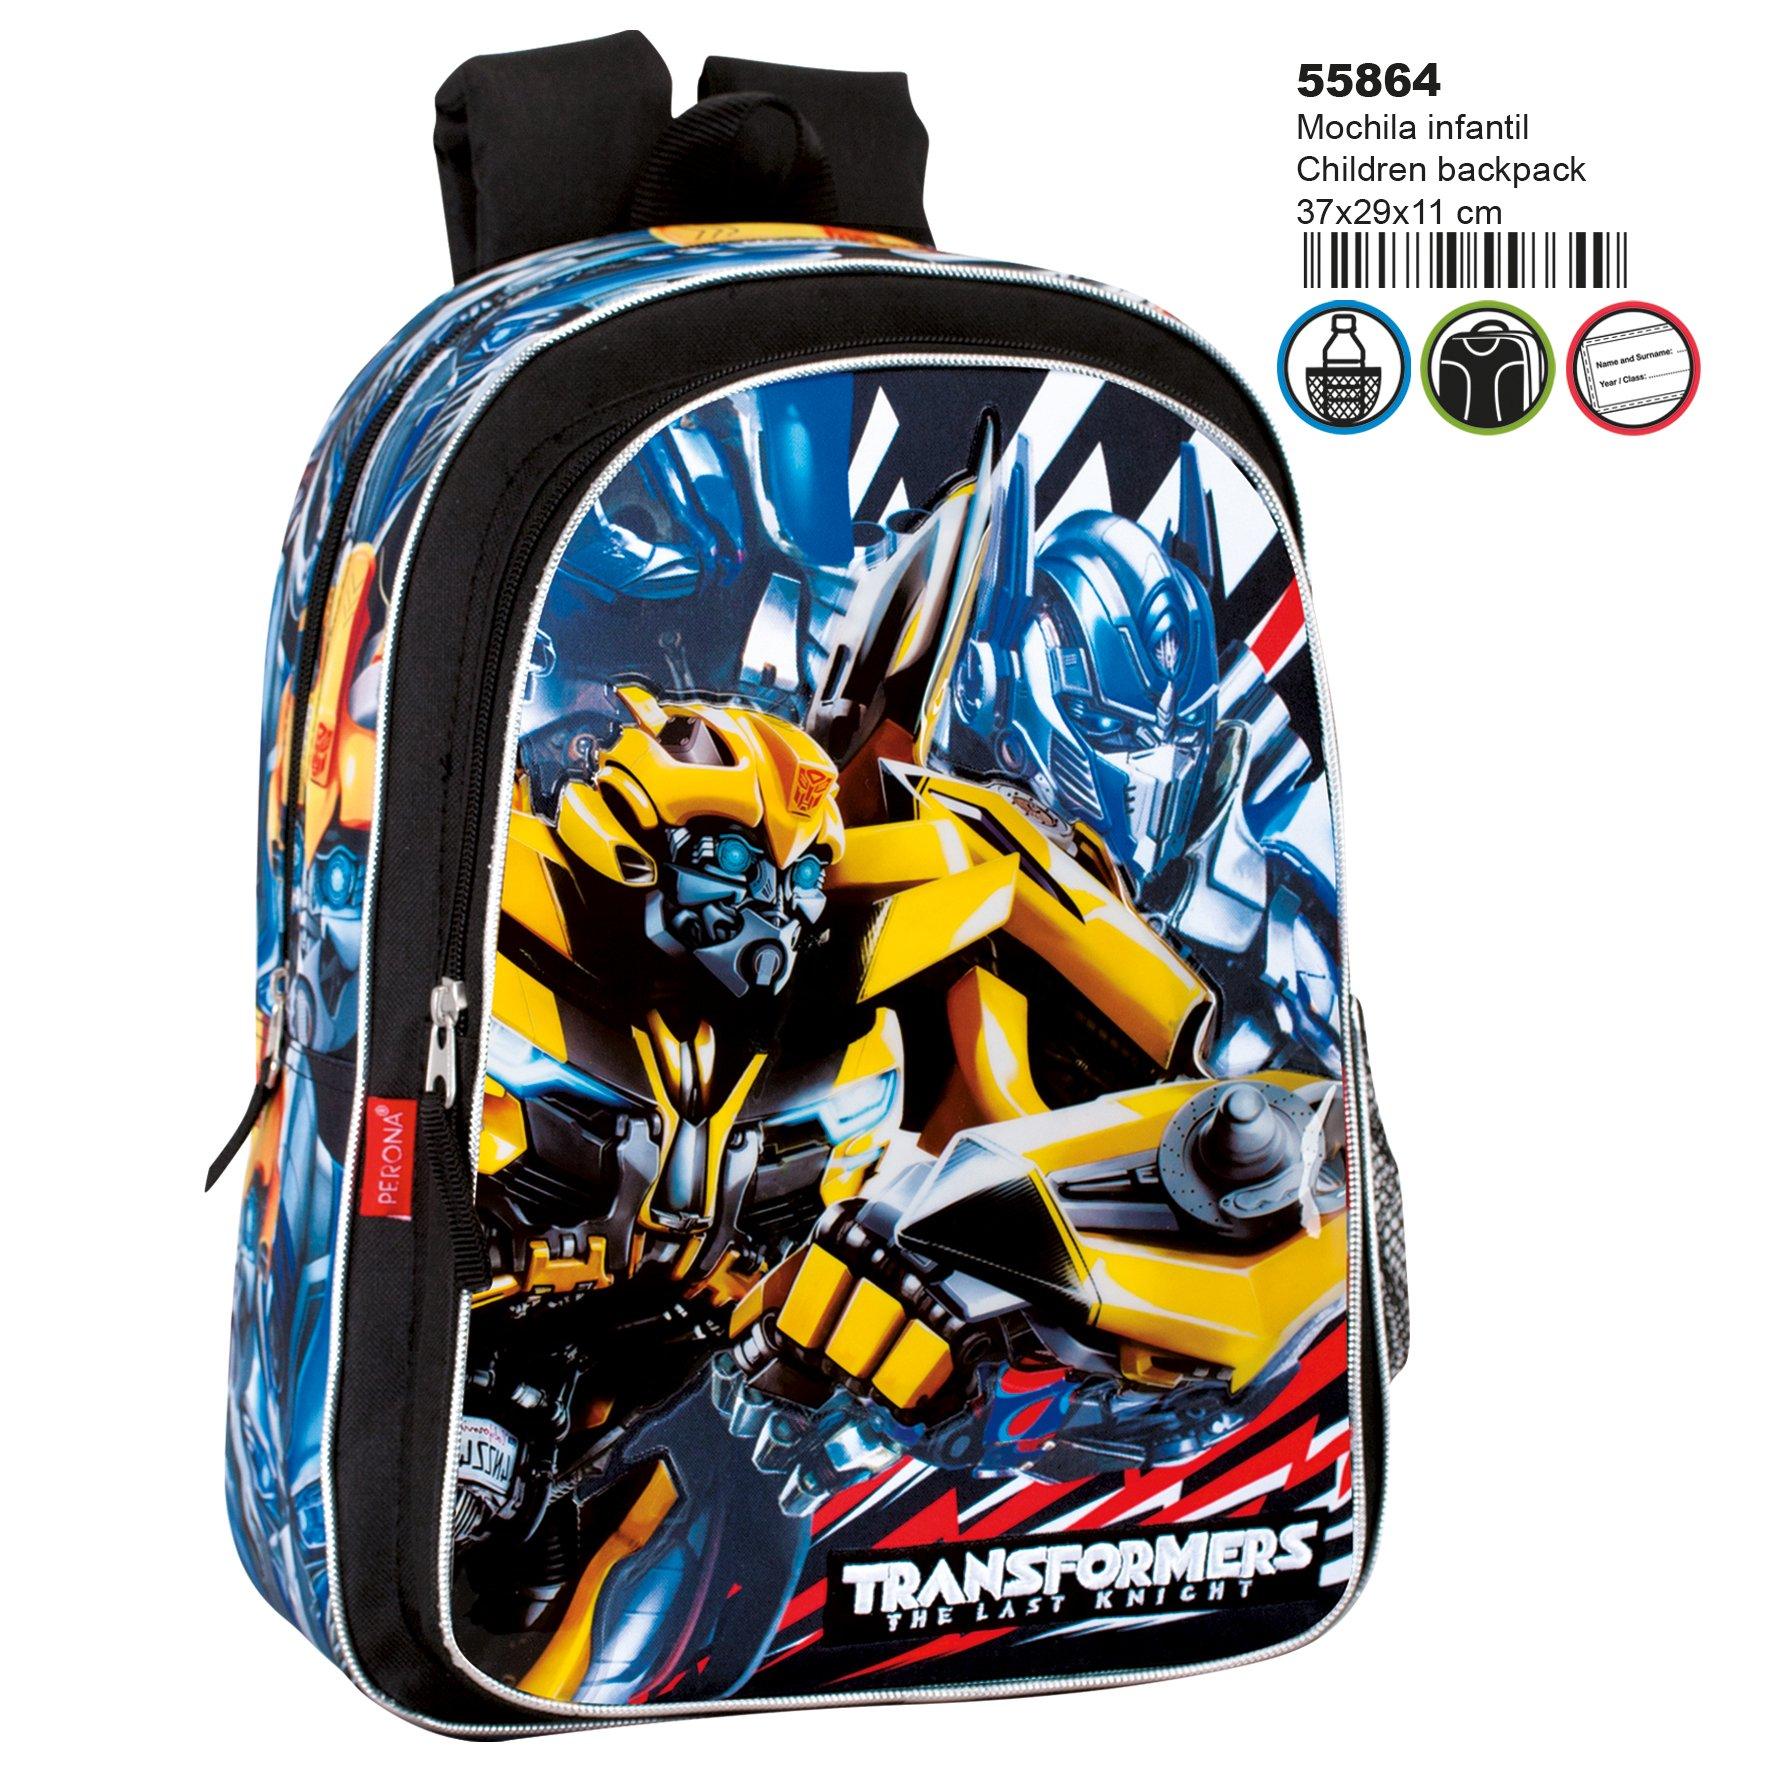 81Lo%2BRwt 2L - Transformers Mochila Infantil Escolar, niño